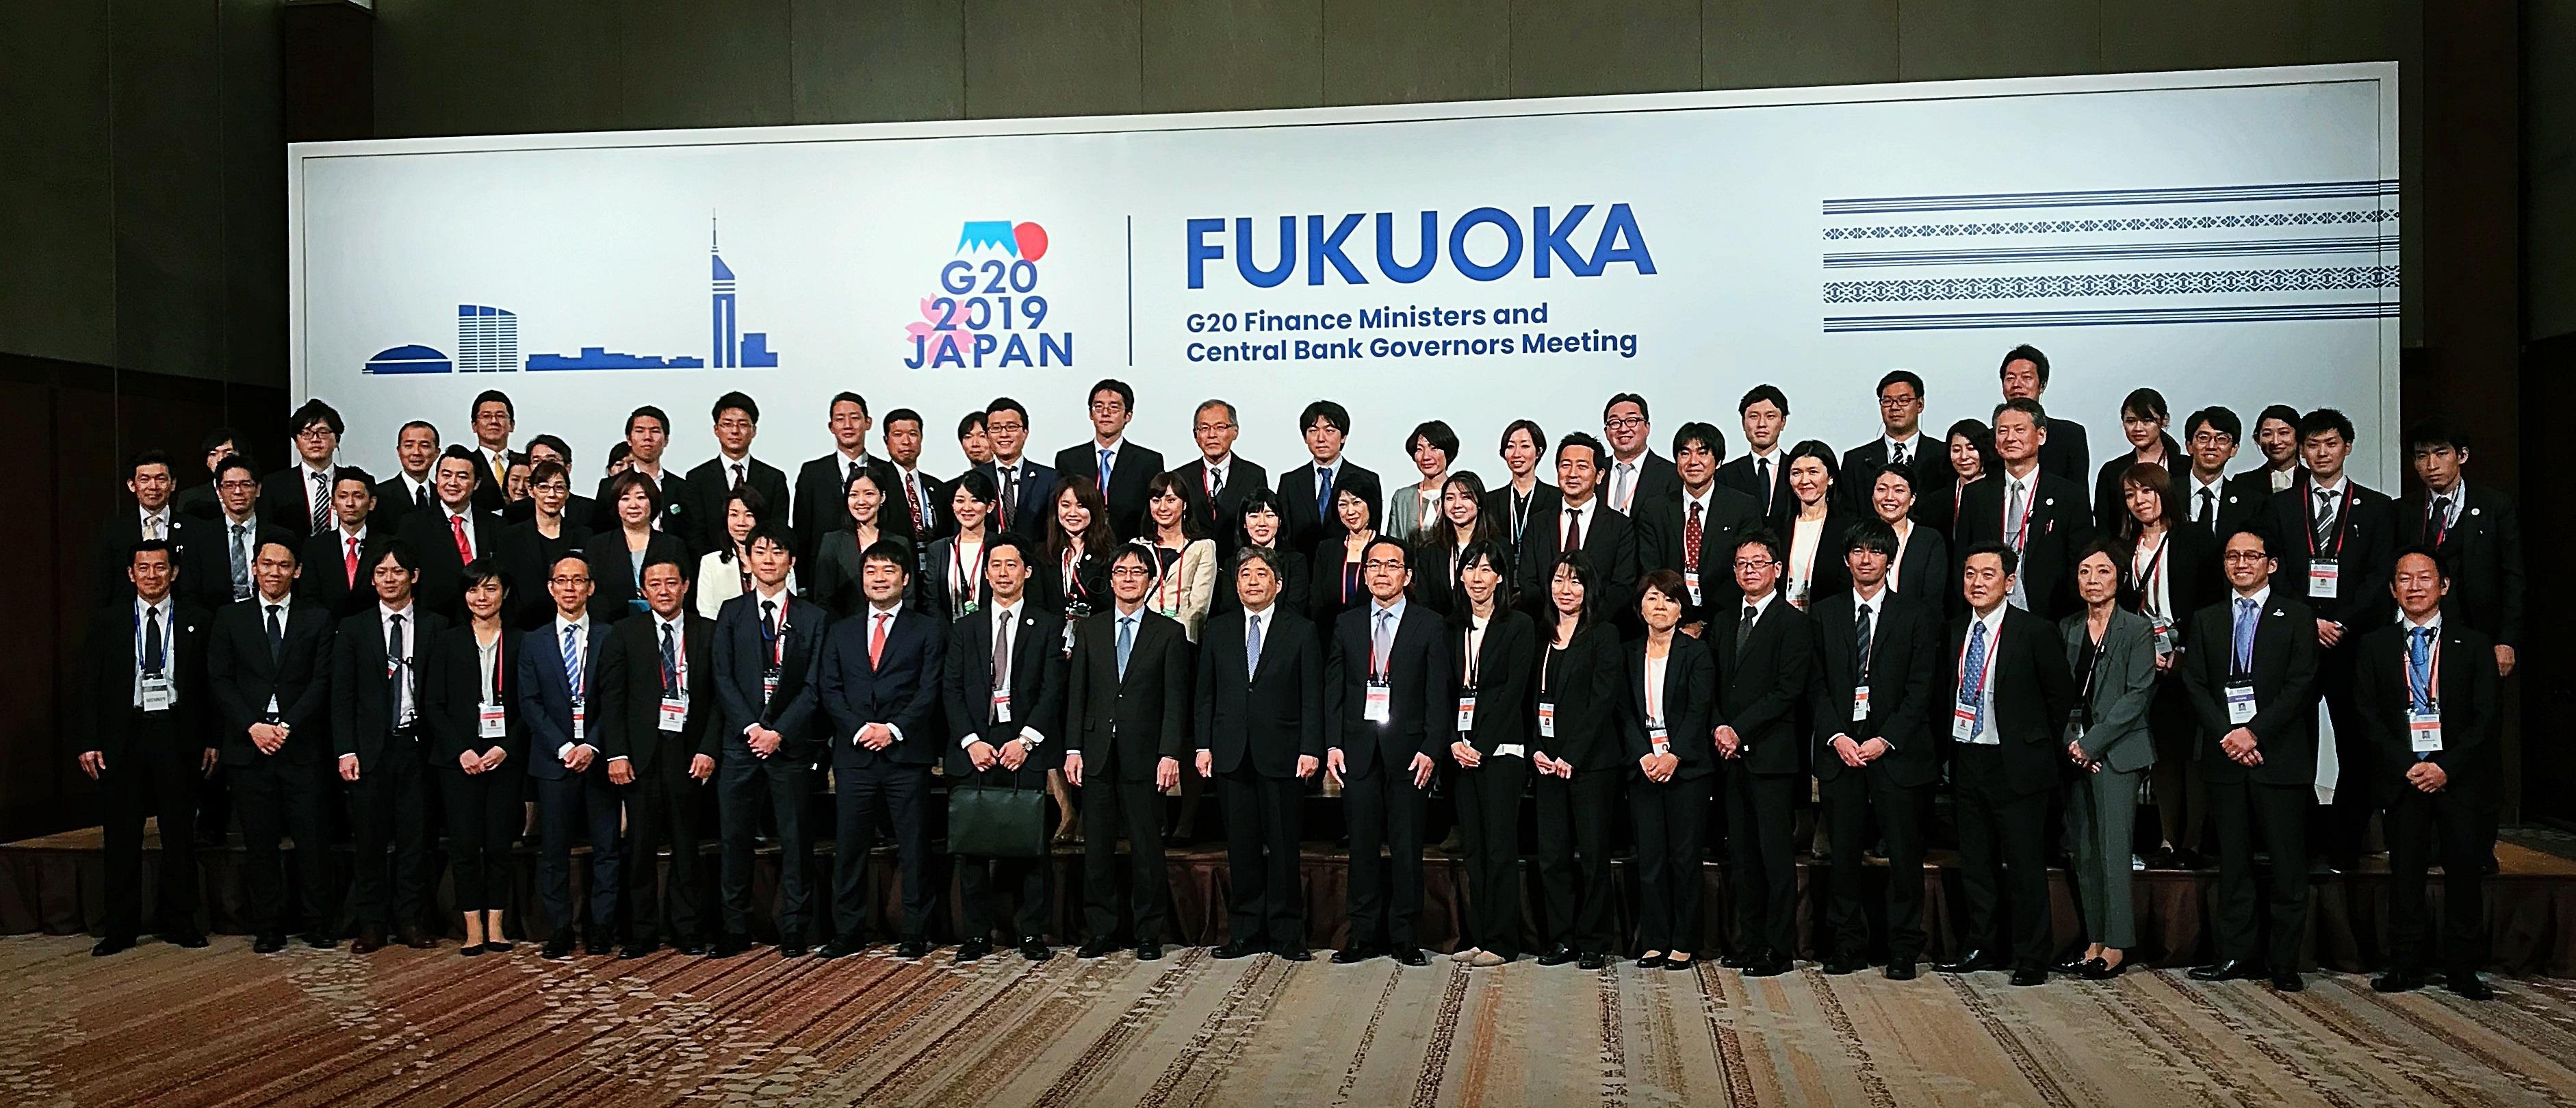 会期終了後、G20参加代表のフォトセッションと同じ場所で、  主催の財務省ご担当者と当社コングレのメンバー